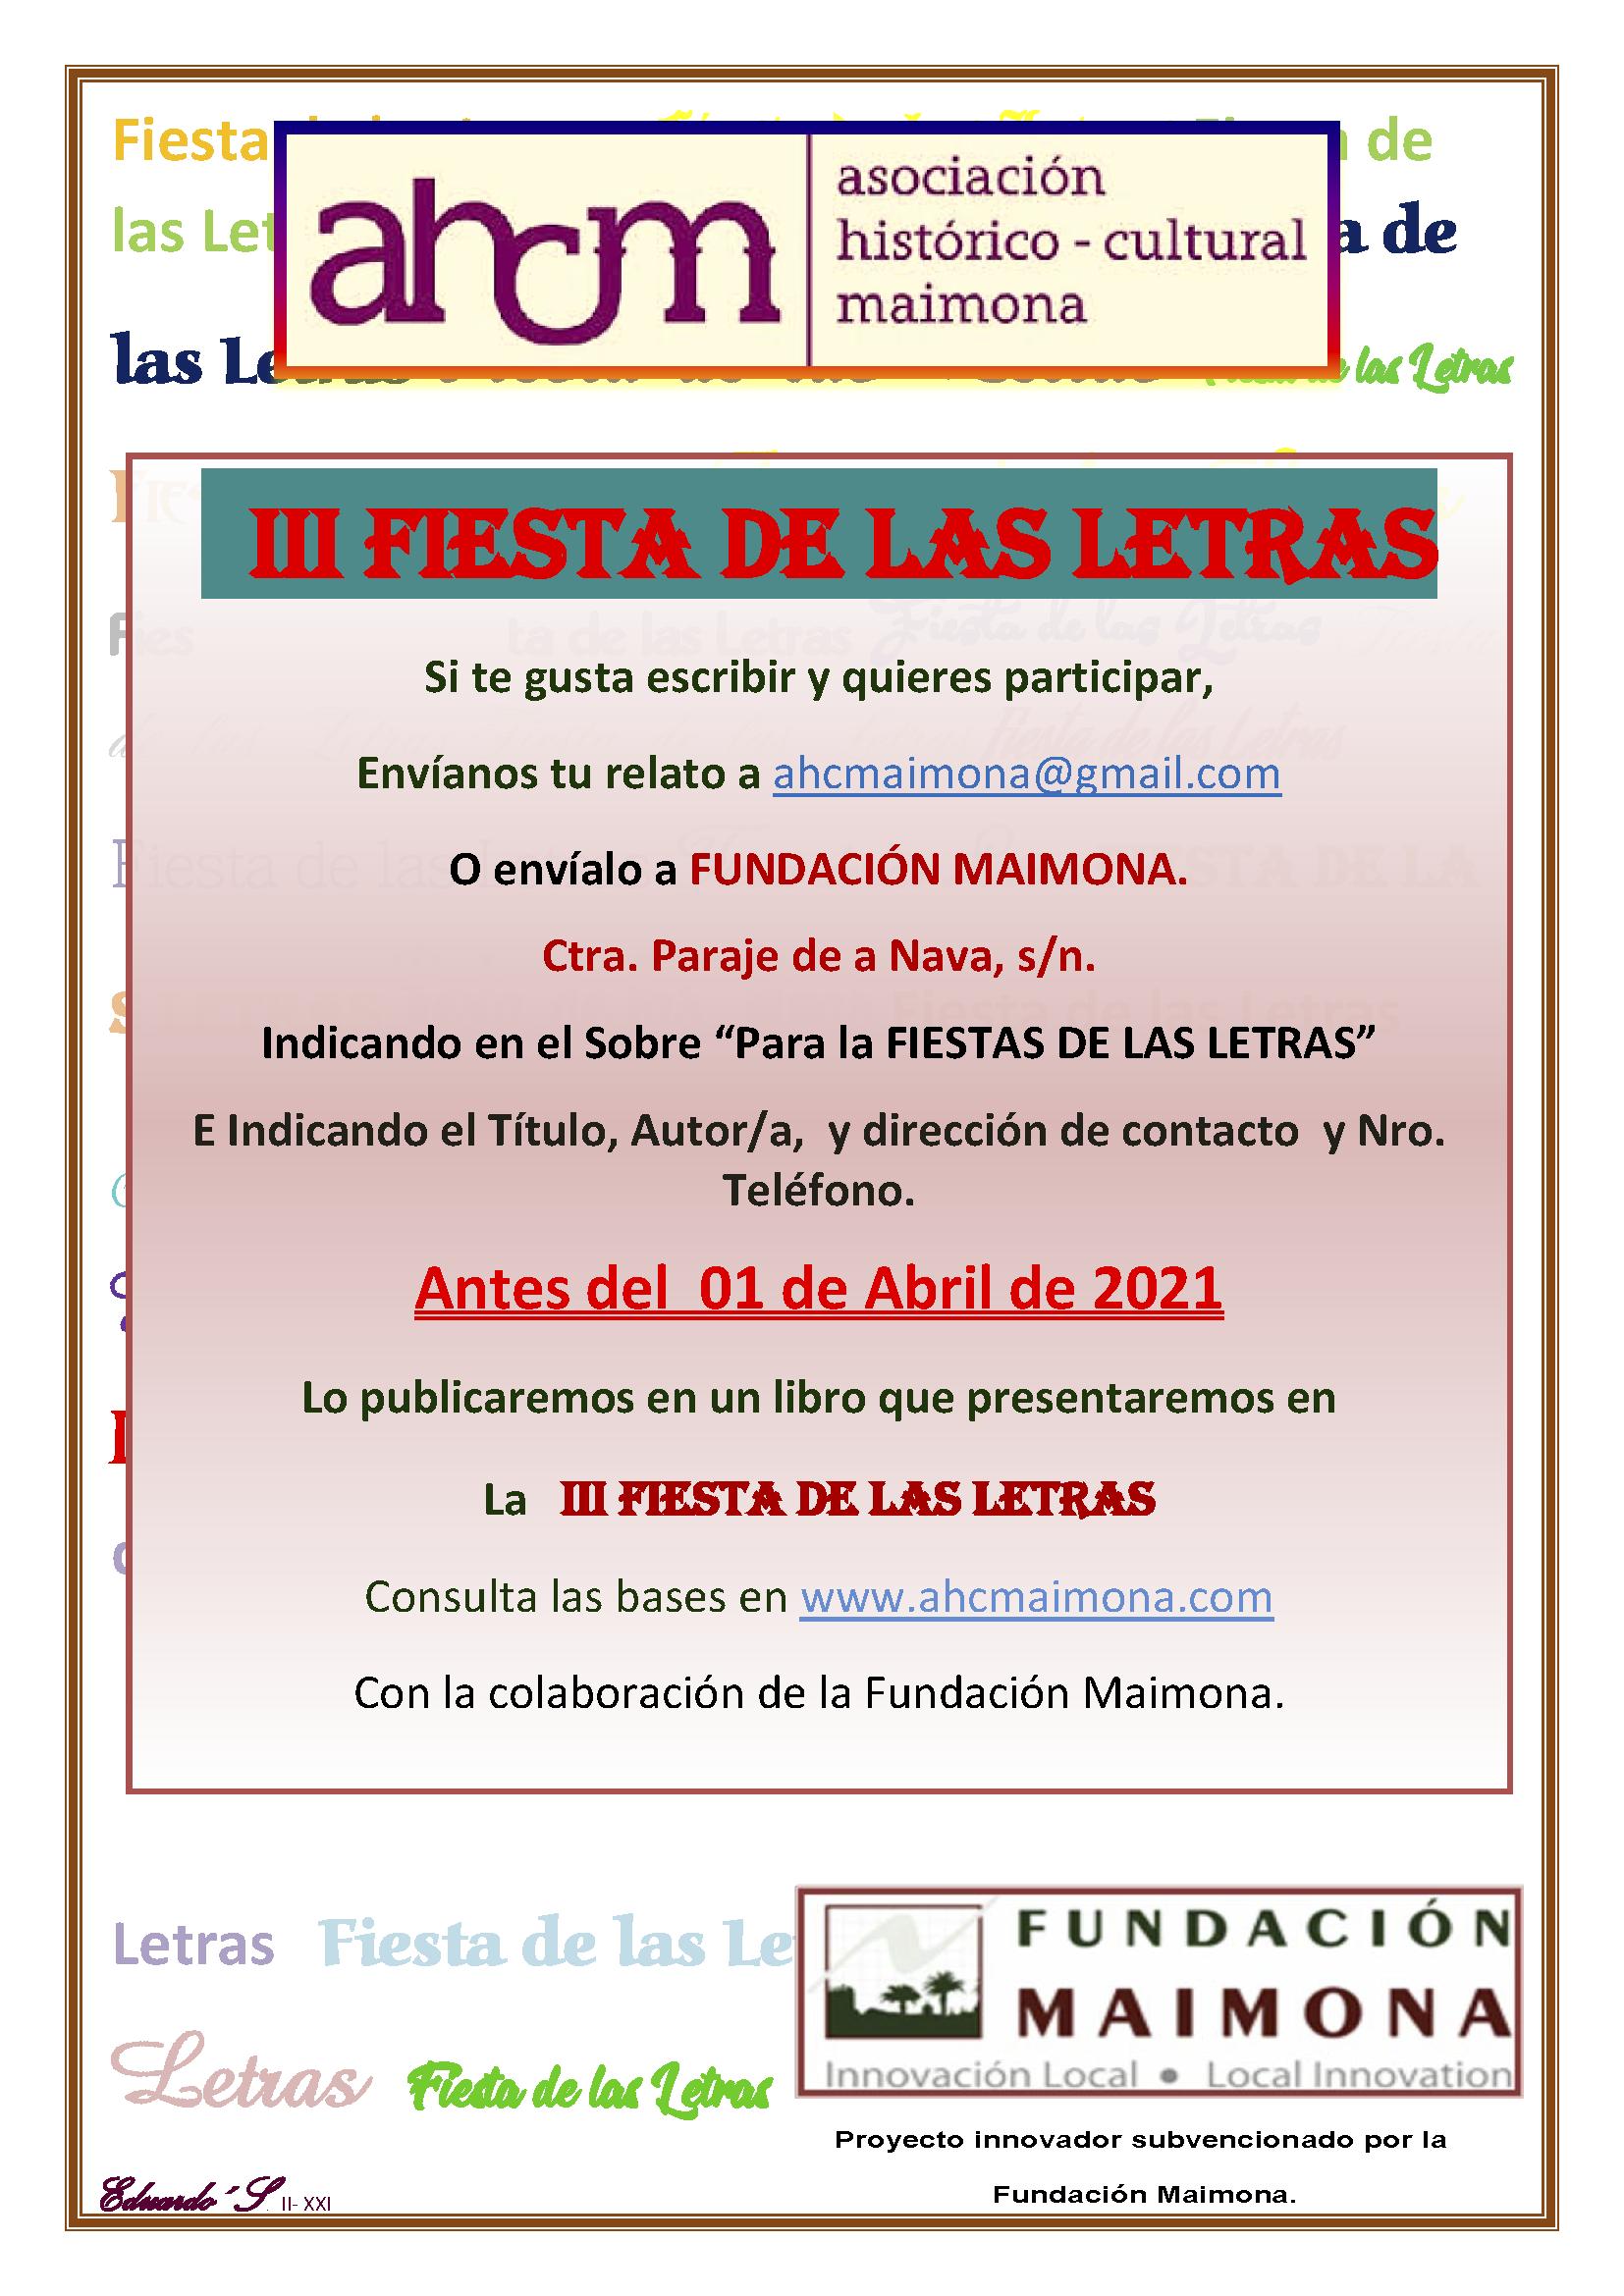 La Fiesta De Las Letras